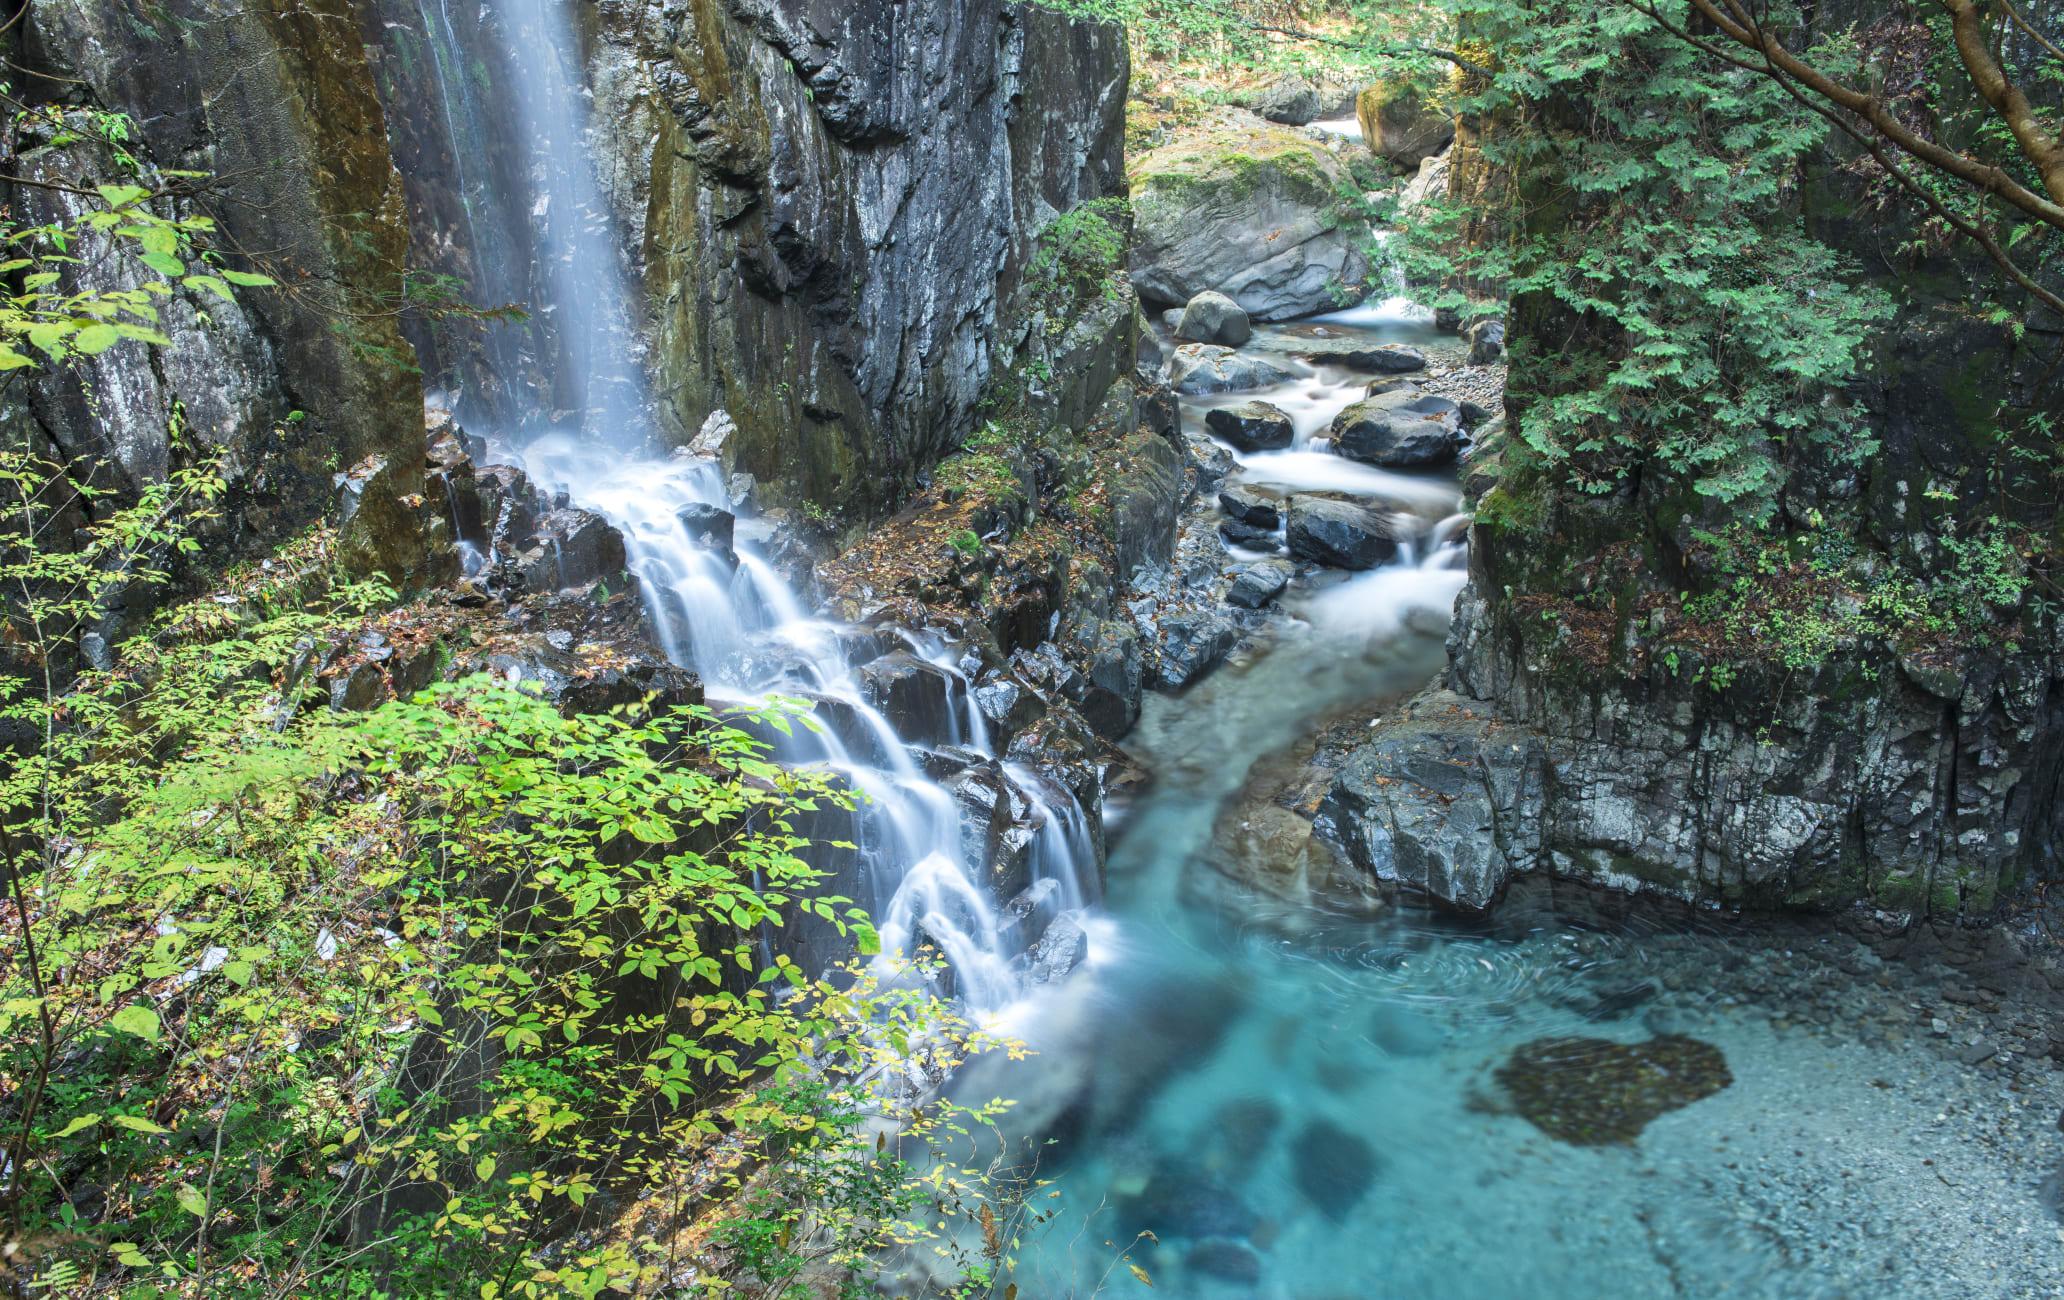 Tsukechi-kyo Valley